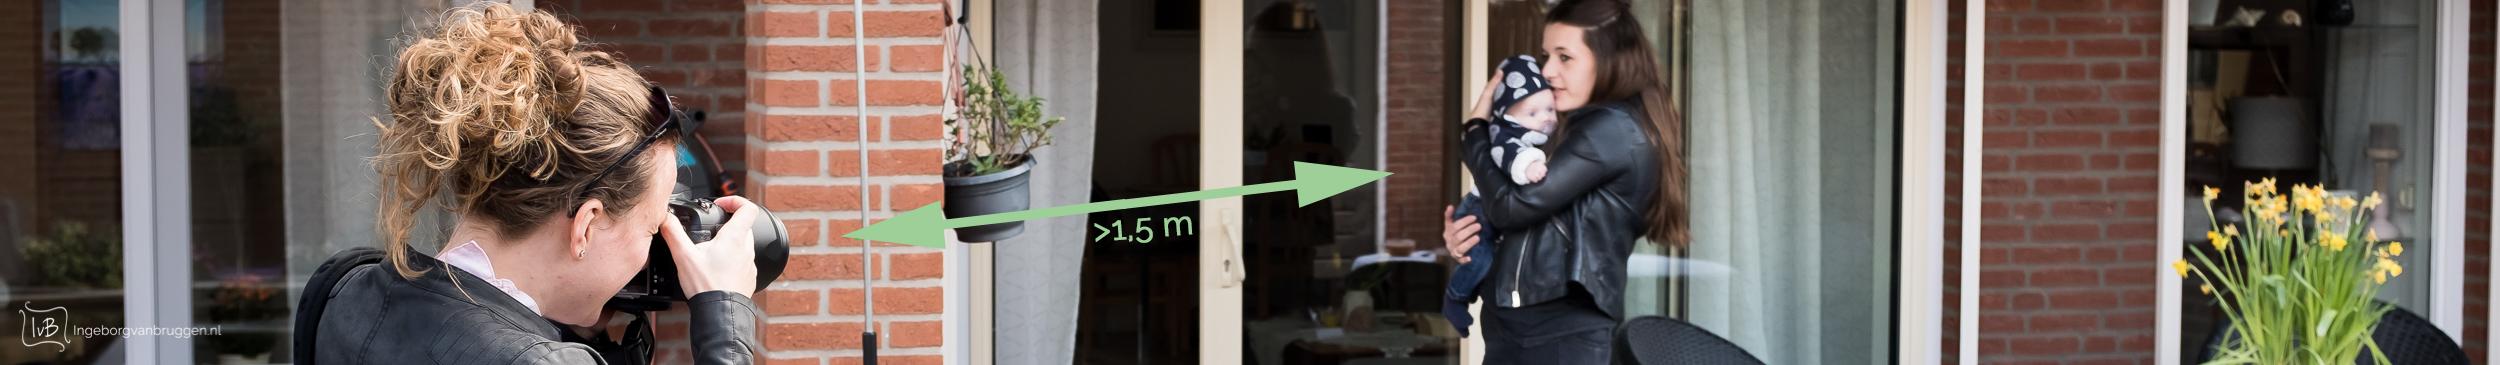 fotoshoot met 1,5 meter afstand 9509